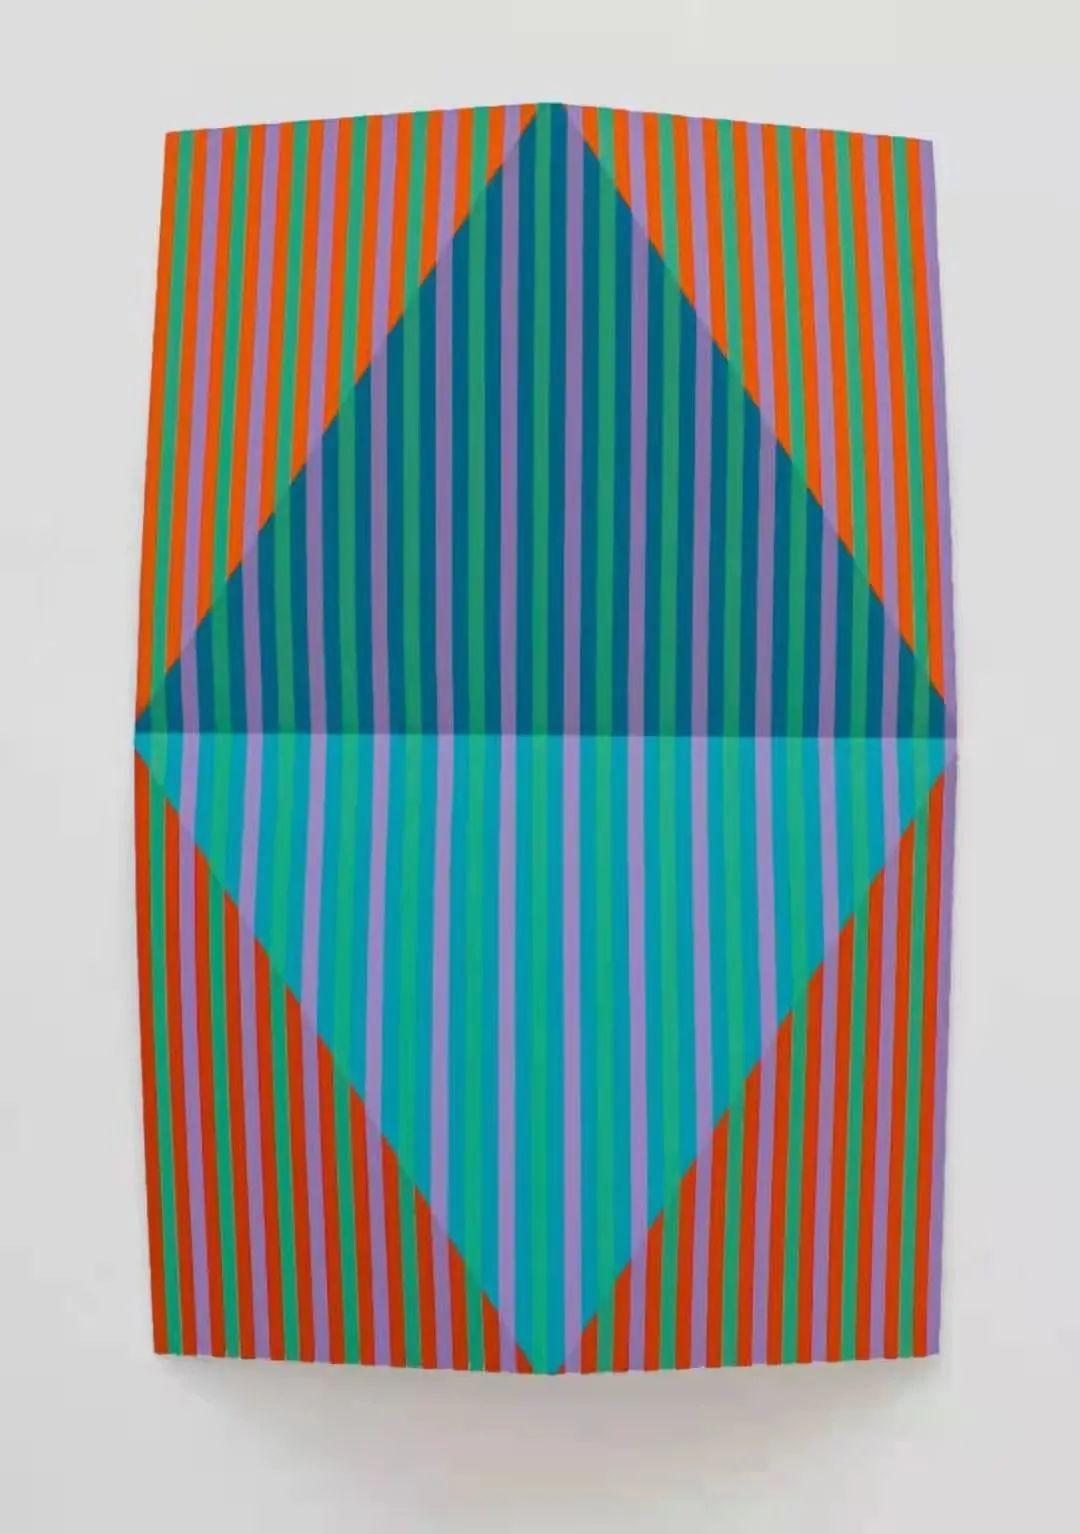 《德国抽象艺术三人展》在波恩精彩呈现插图13